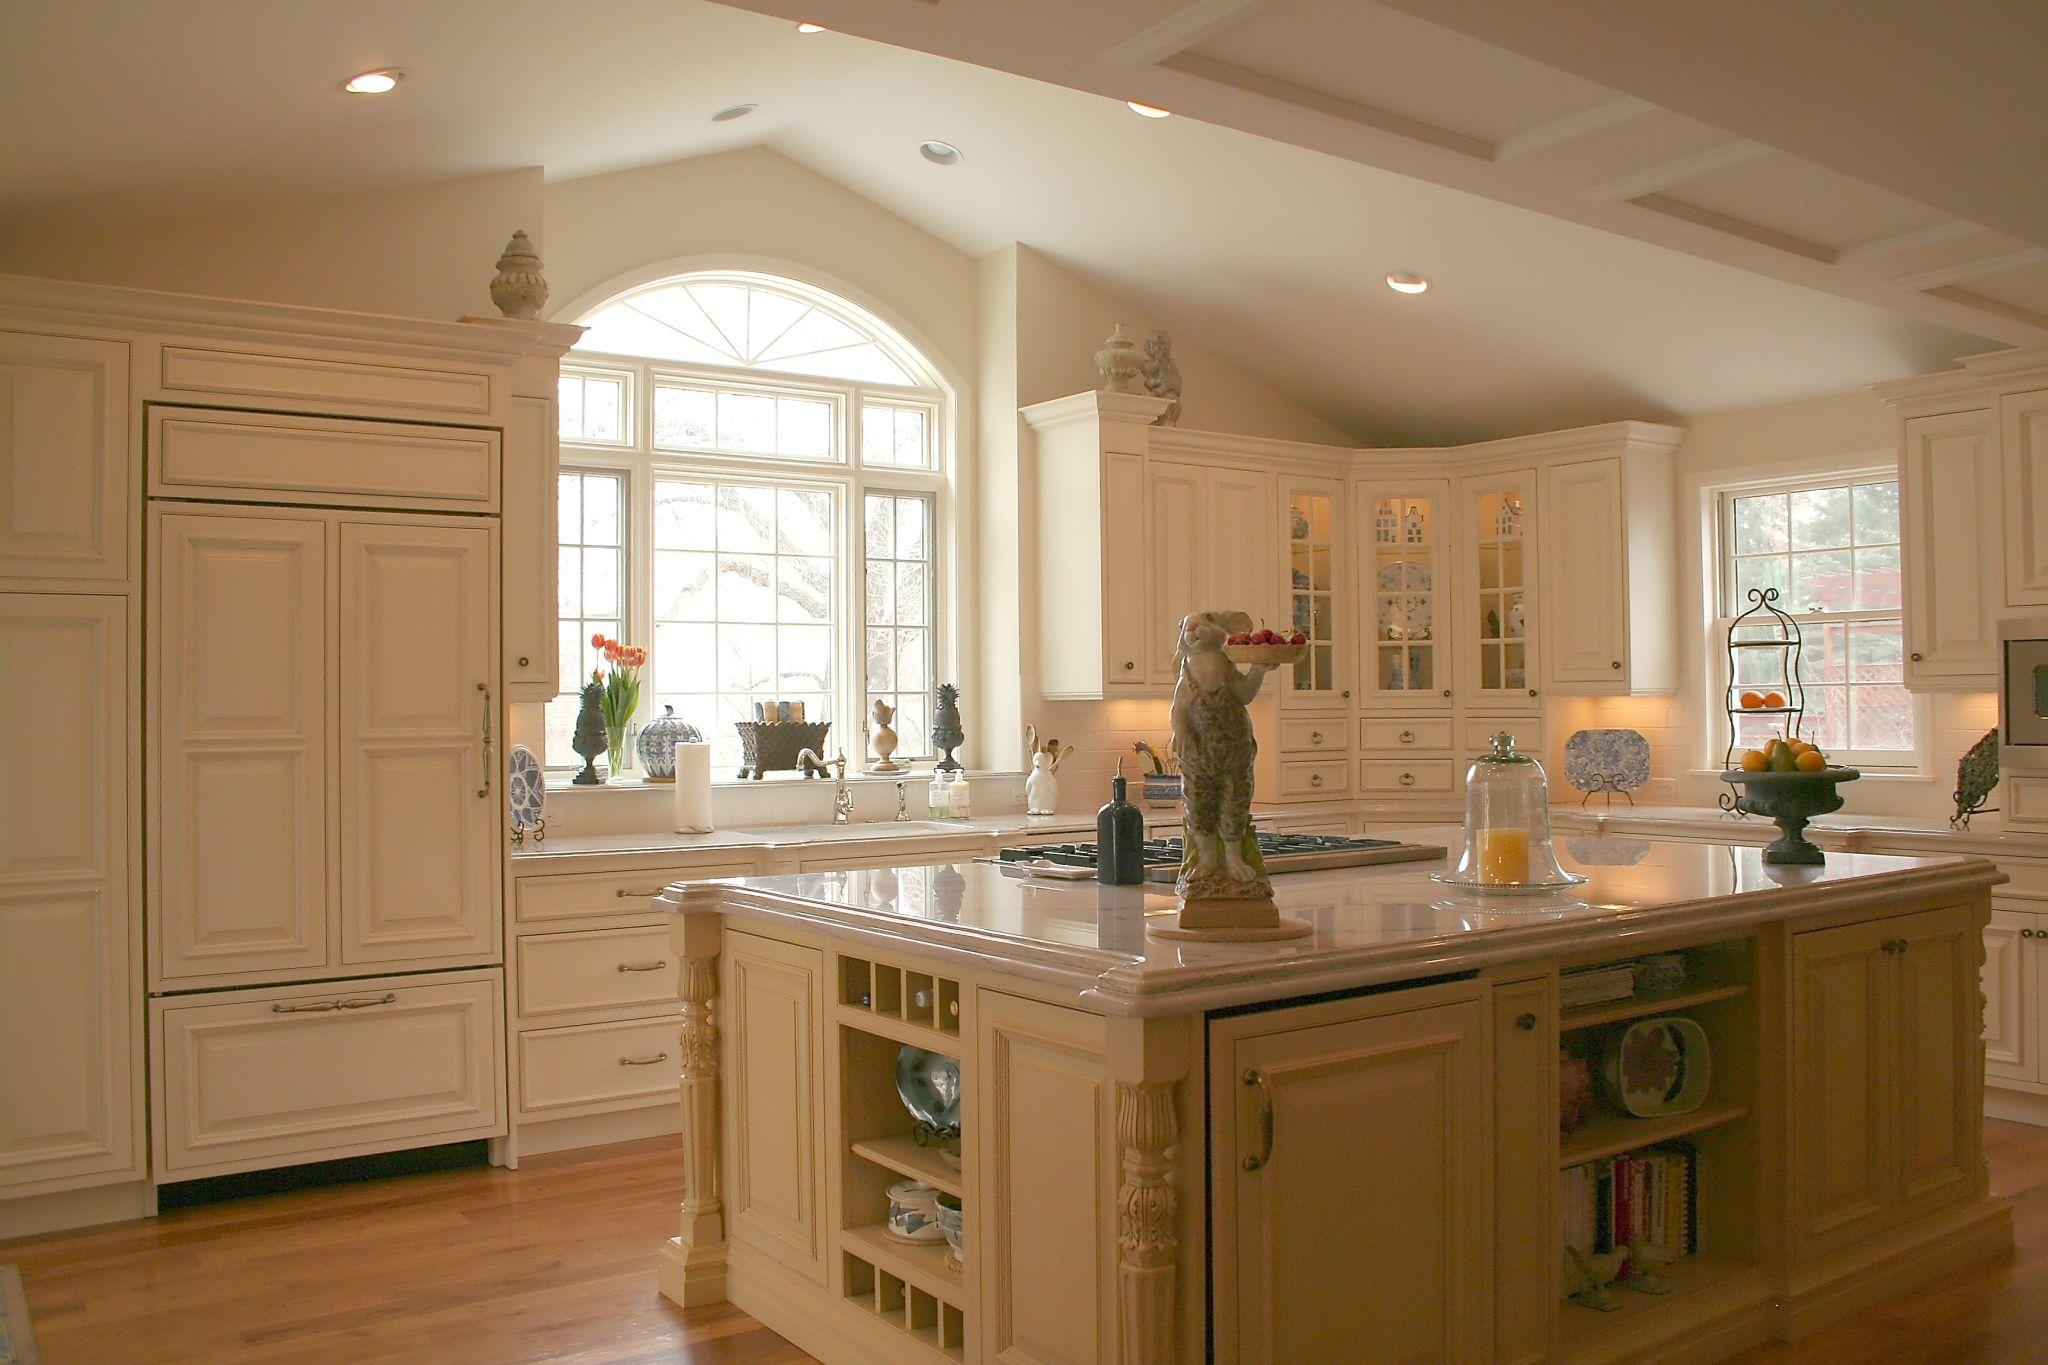 Denver kitchen design bkc kitchen amp bath28    Denver Kitchen Design     Kitchen Design Beautiful Habitat  . Kitchen Design Denver. Home Design Ideas